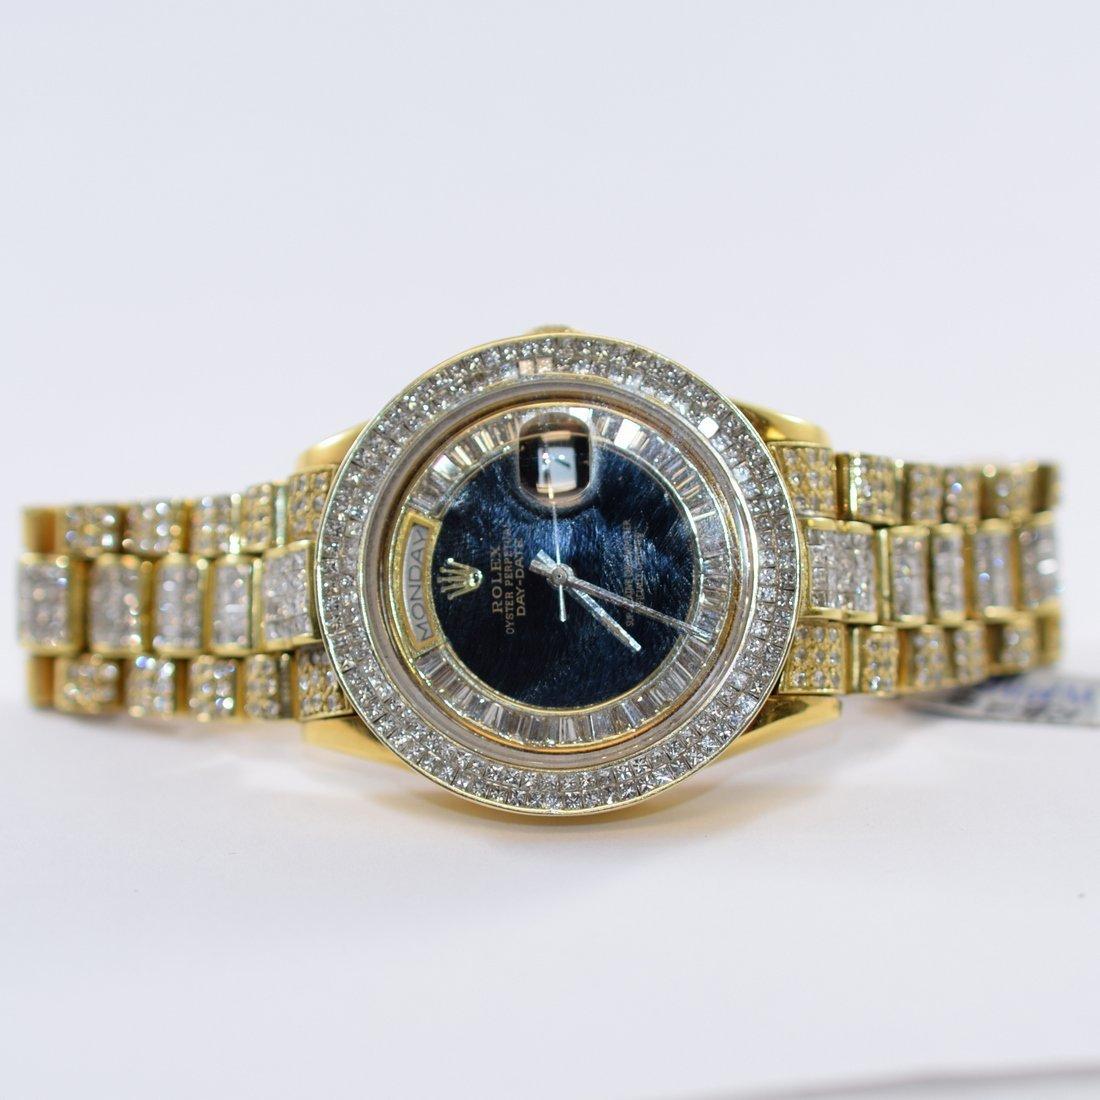 18K Gold Diamond Rolex Wristwatch